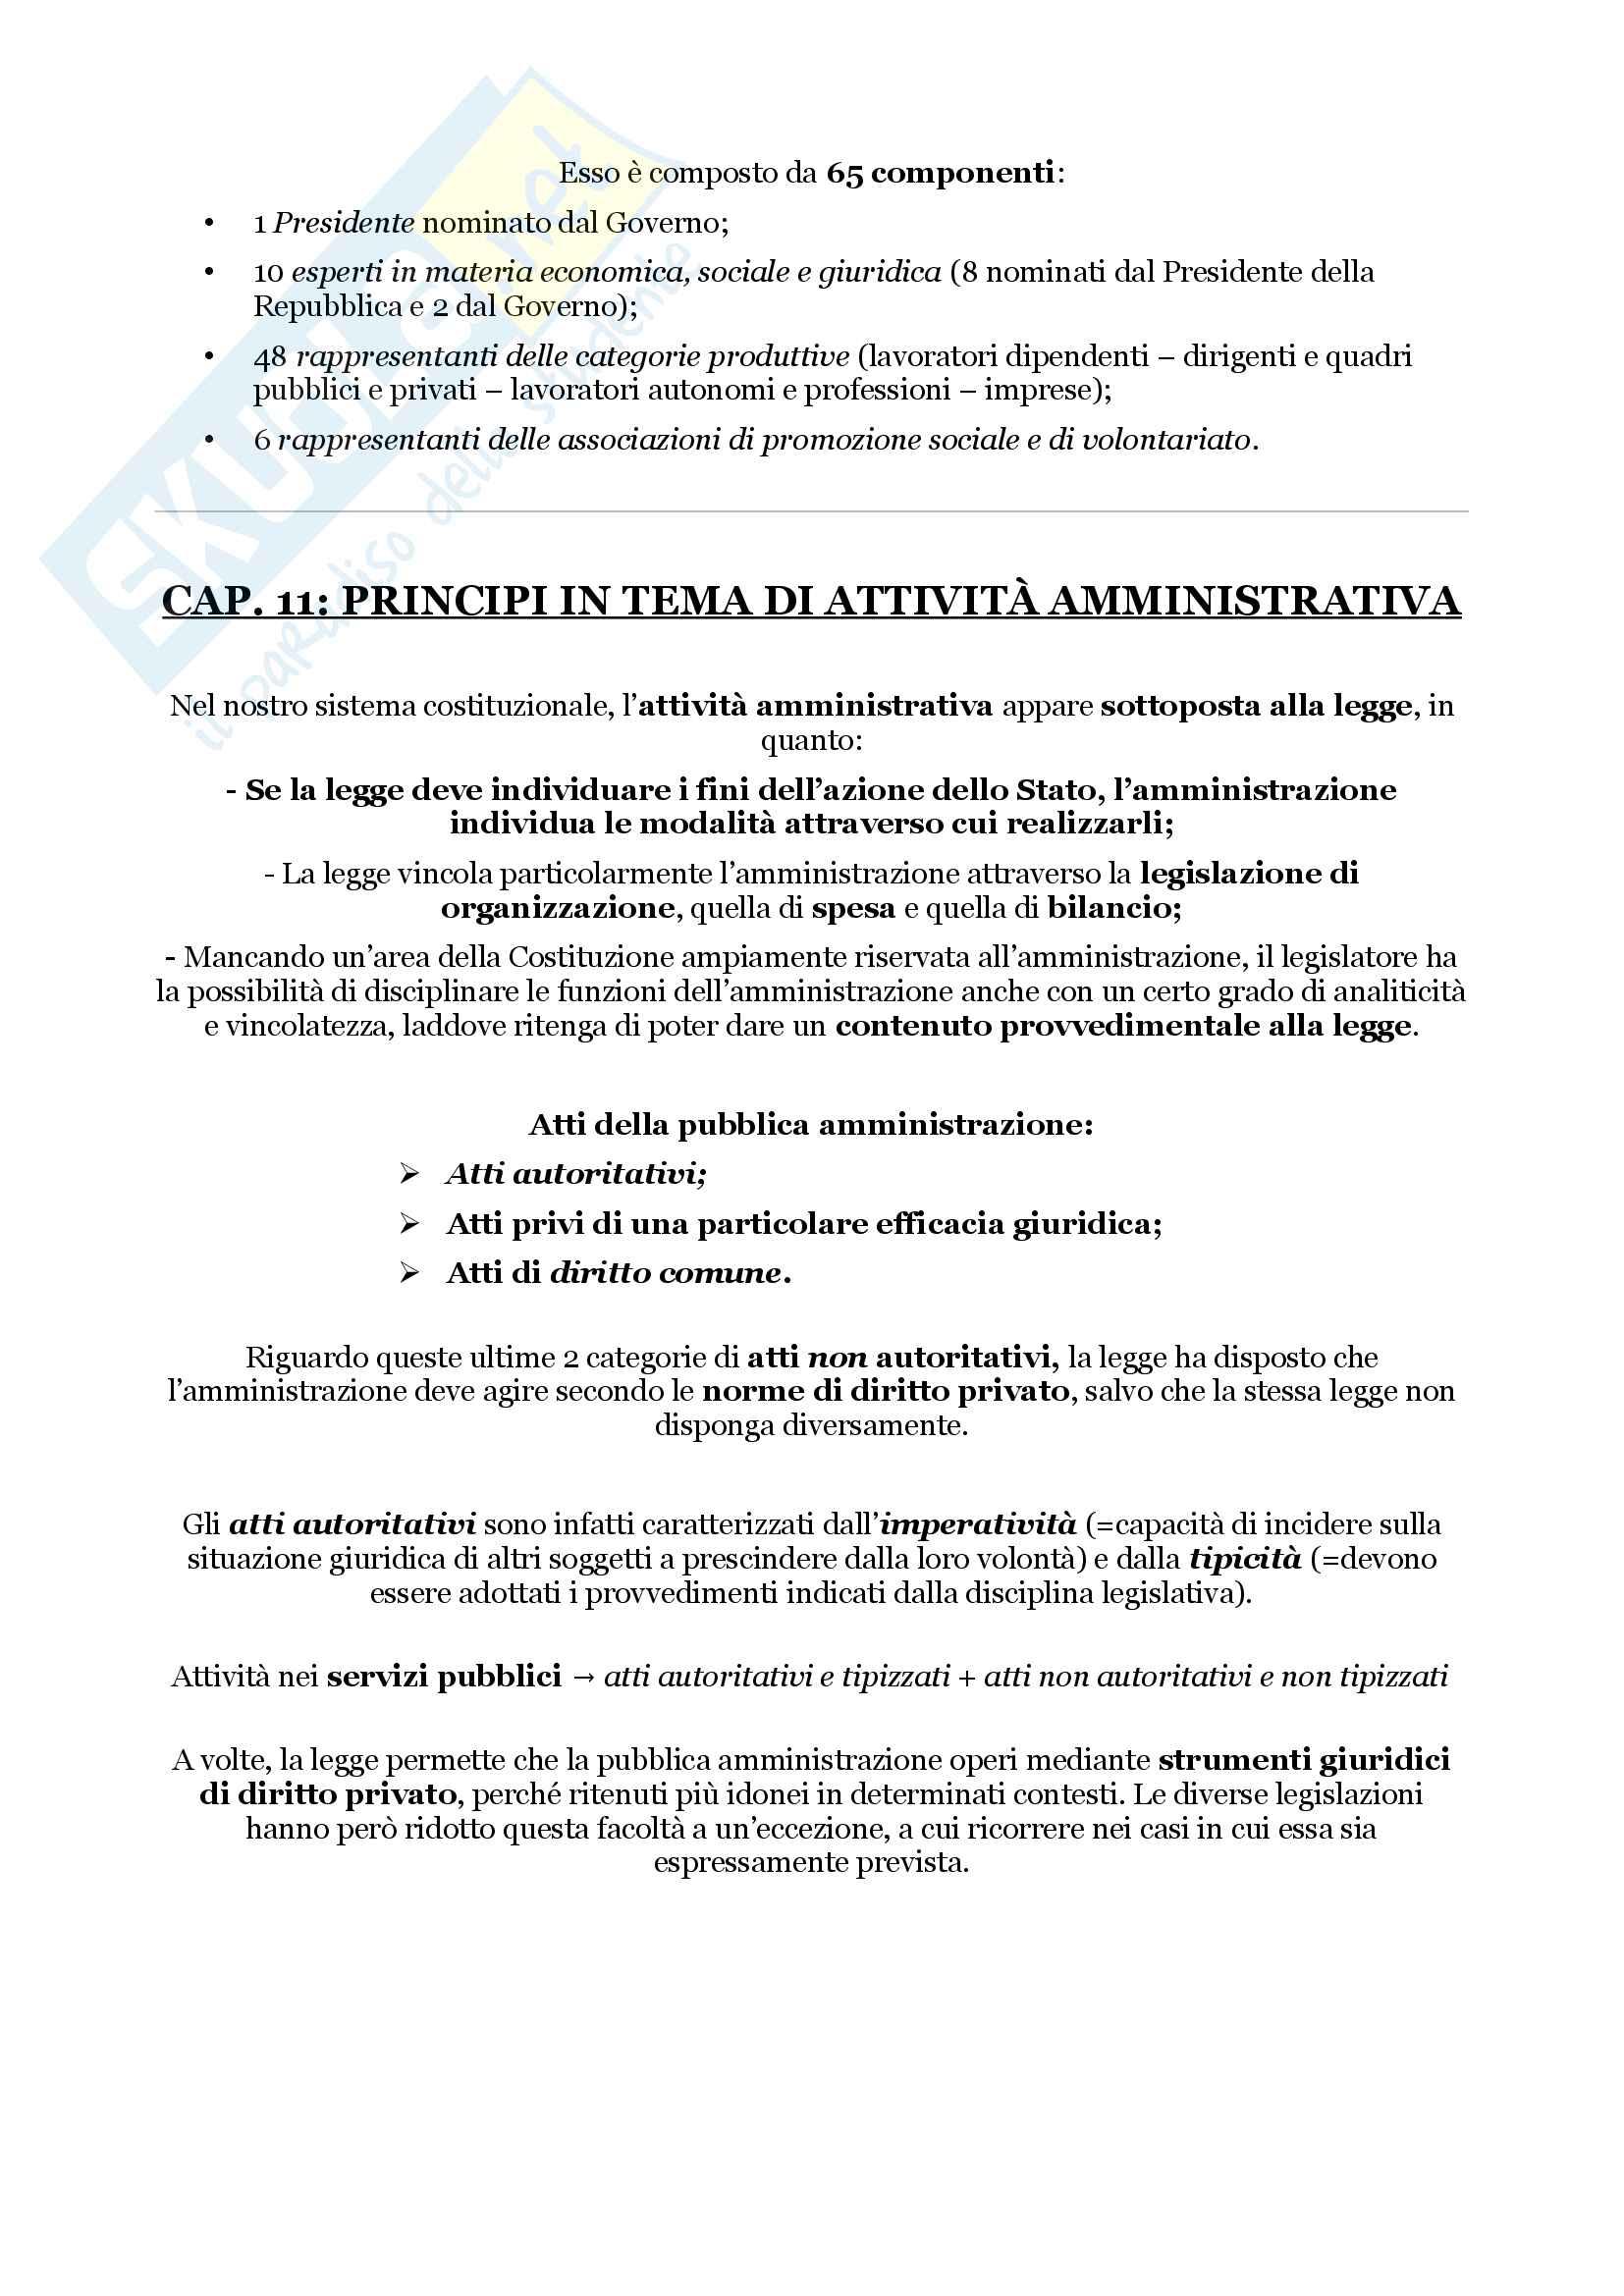 Schemi riassuntivi di istituzioni di diritto pubblico (libro di riferimento: Diritto costituzionale e pubblico, Carretti, De Siervo) Pag. 56